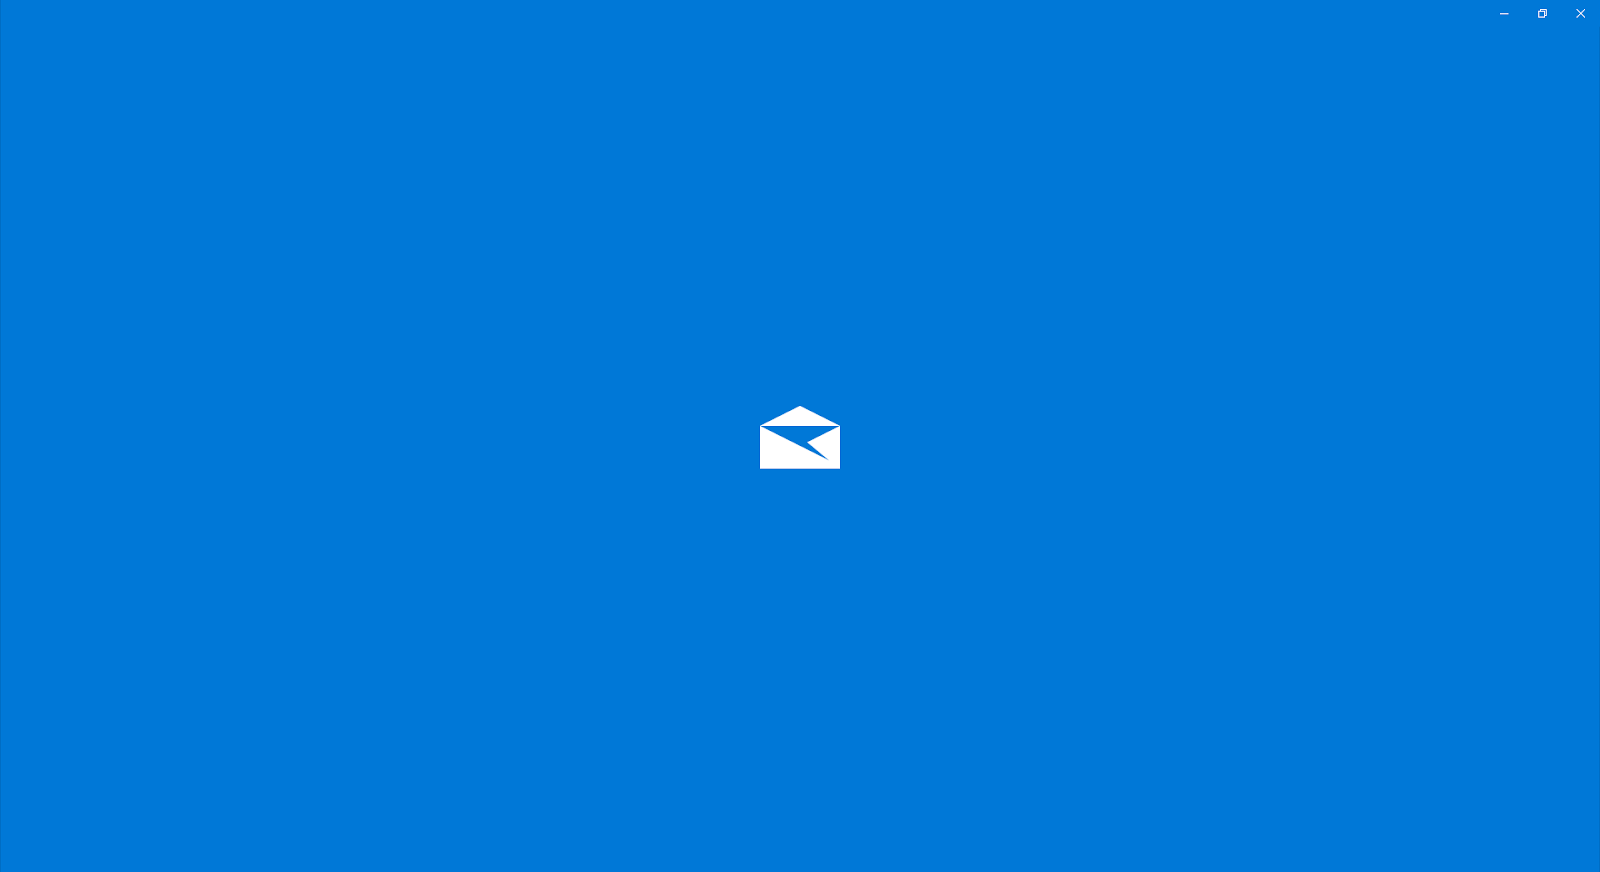 Menghemat waktu menghapus semua pesan email